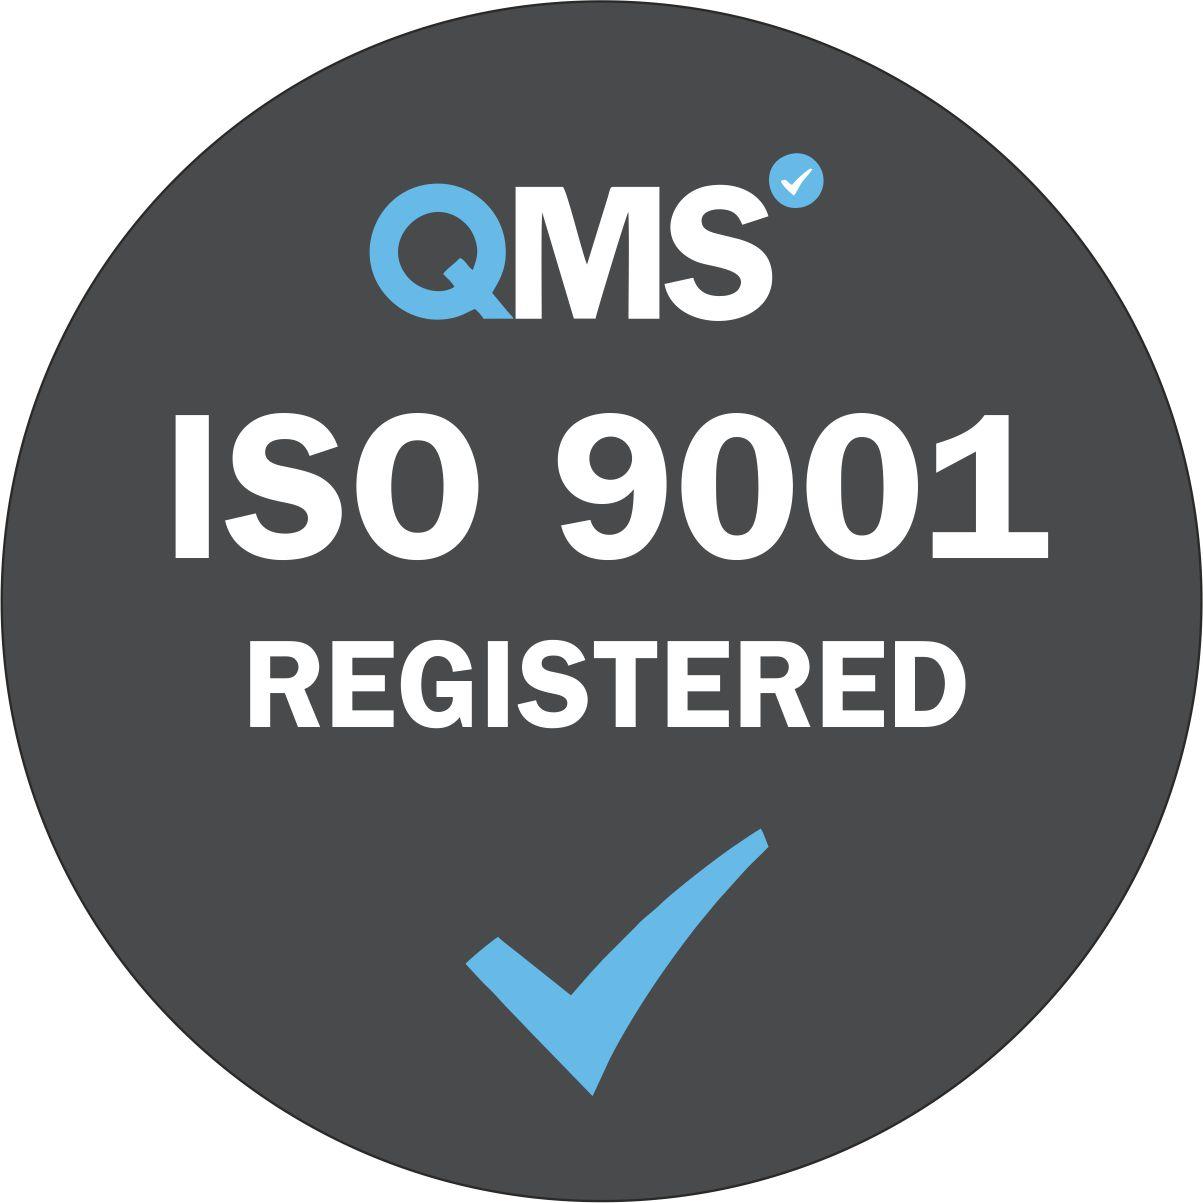 ISO 9001 Registered - Grey.jpg